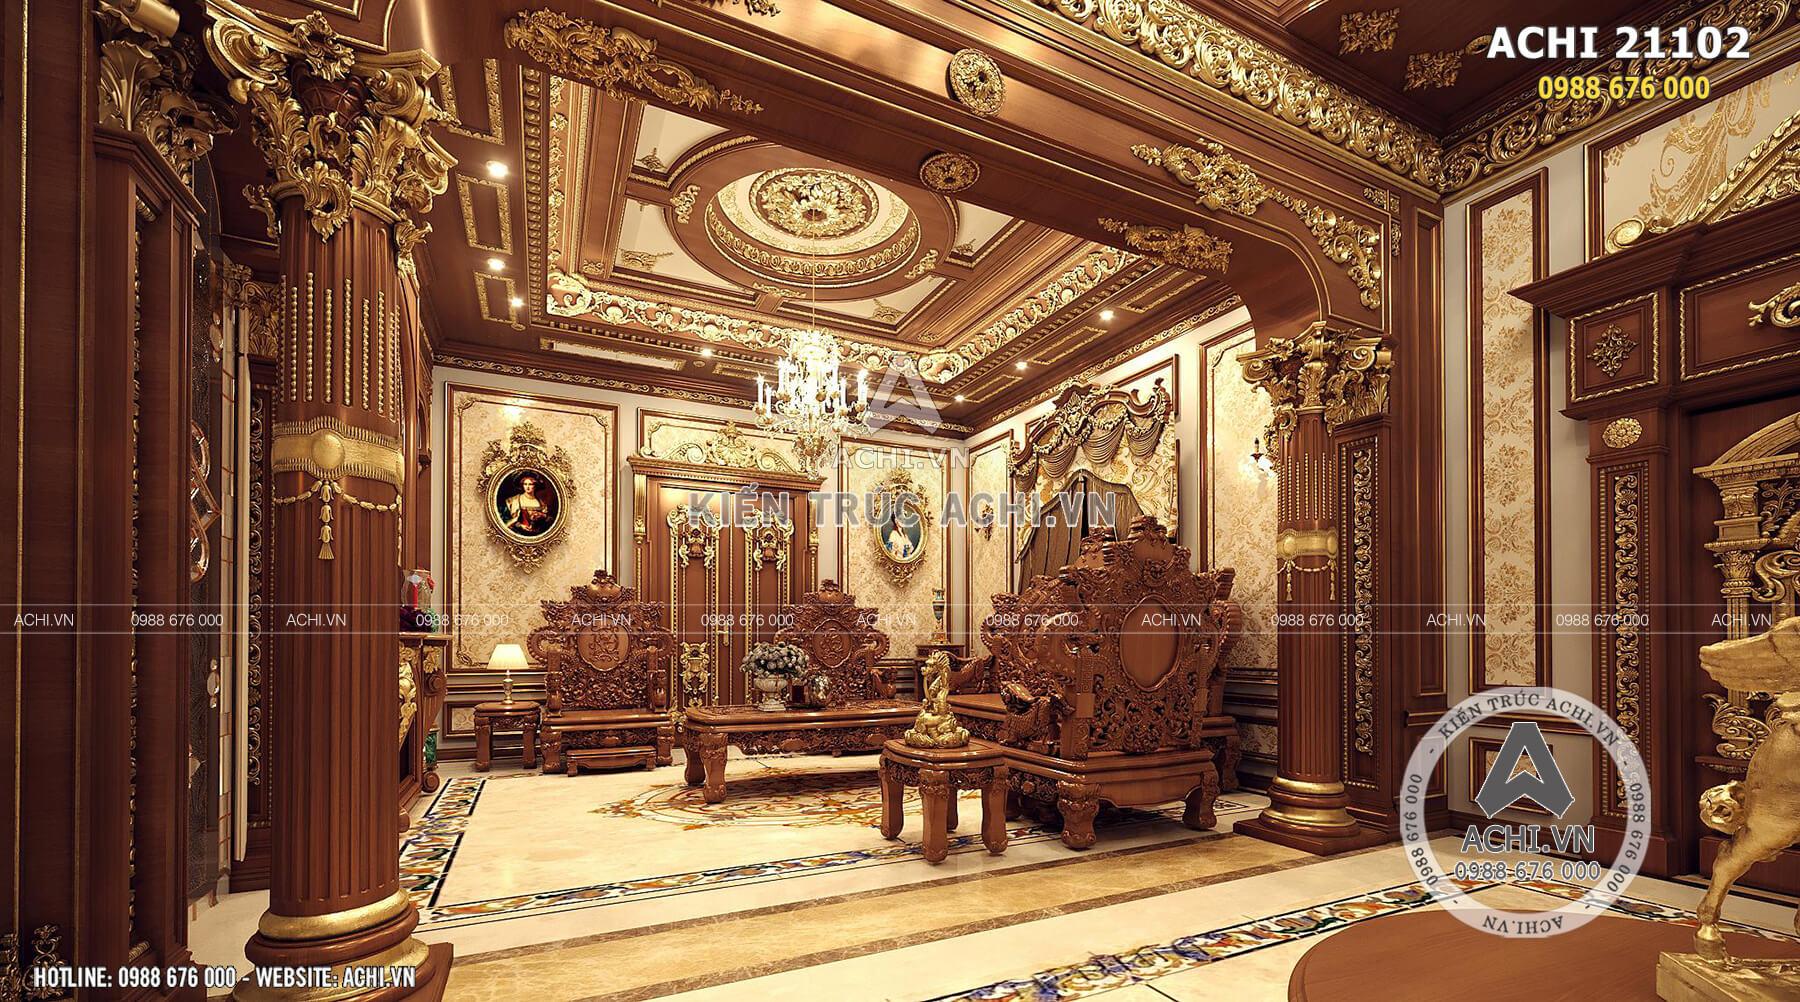 Nội thất phòng khách tân cổ điển của tòa lâu đài 2 tầng đẹp